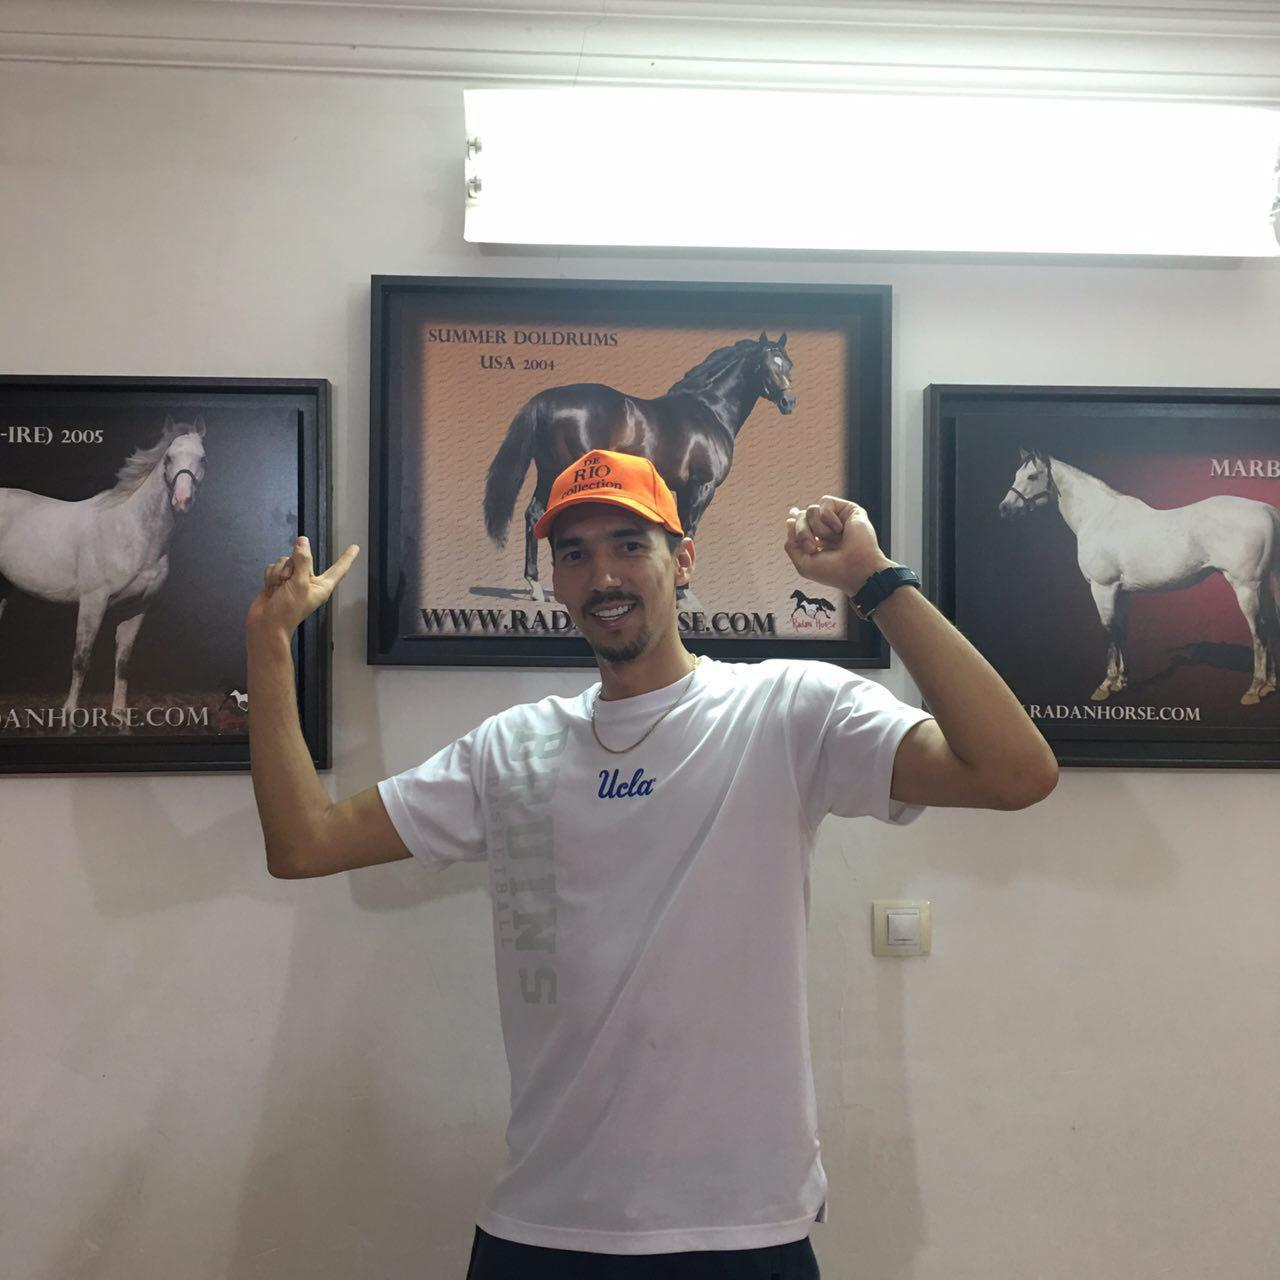 خداحافظی فرهاد قائمی از اسبش قبل از المپیک(+عکس)